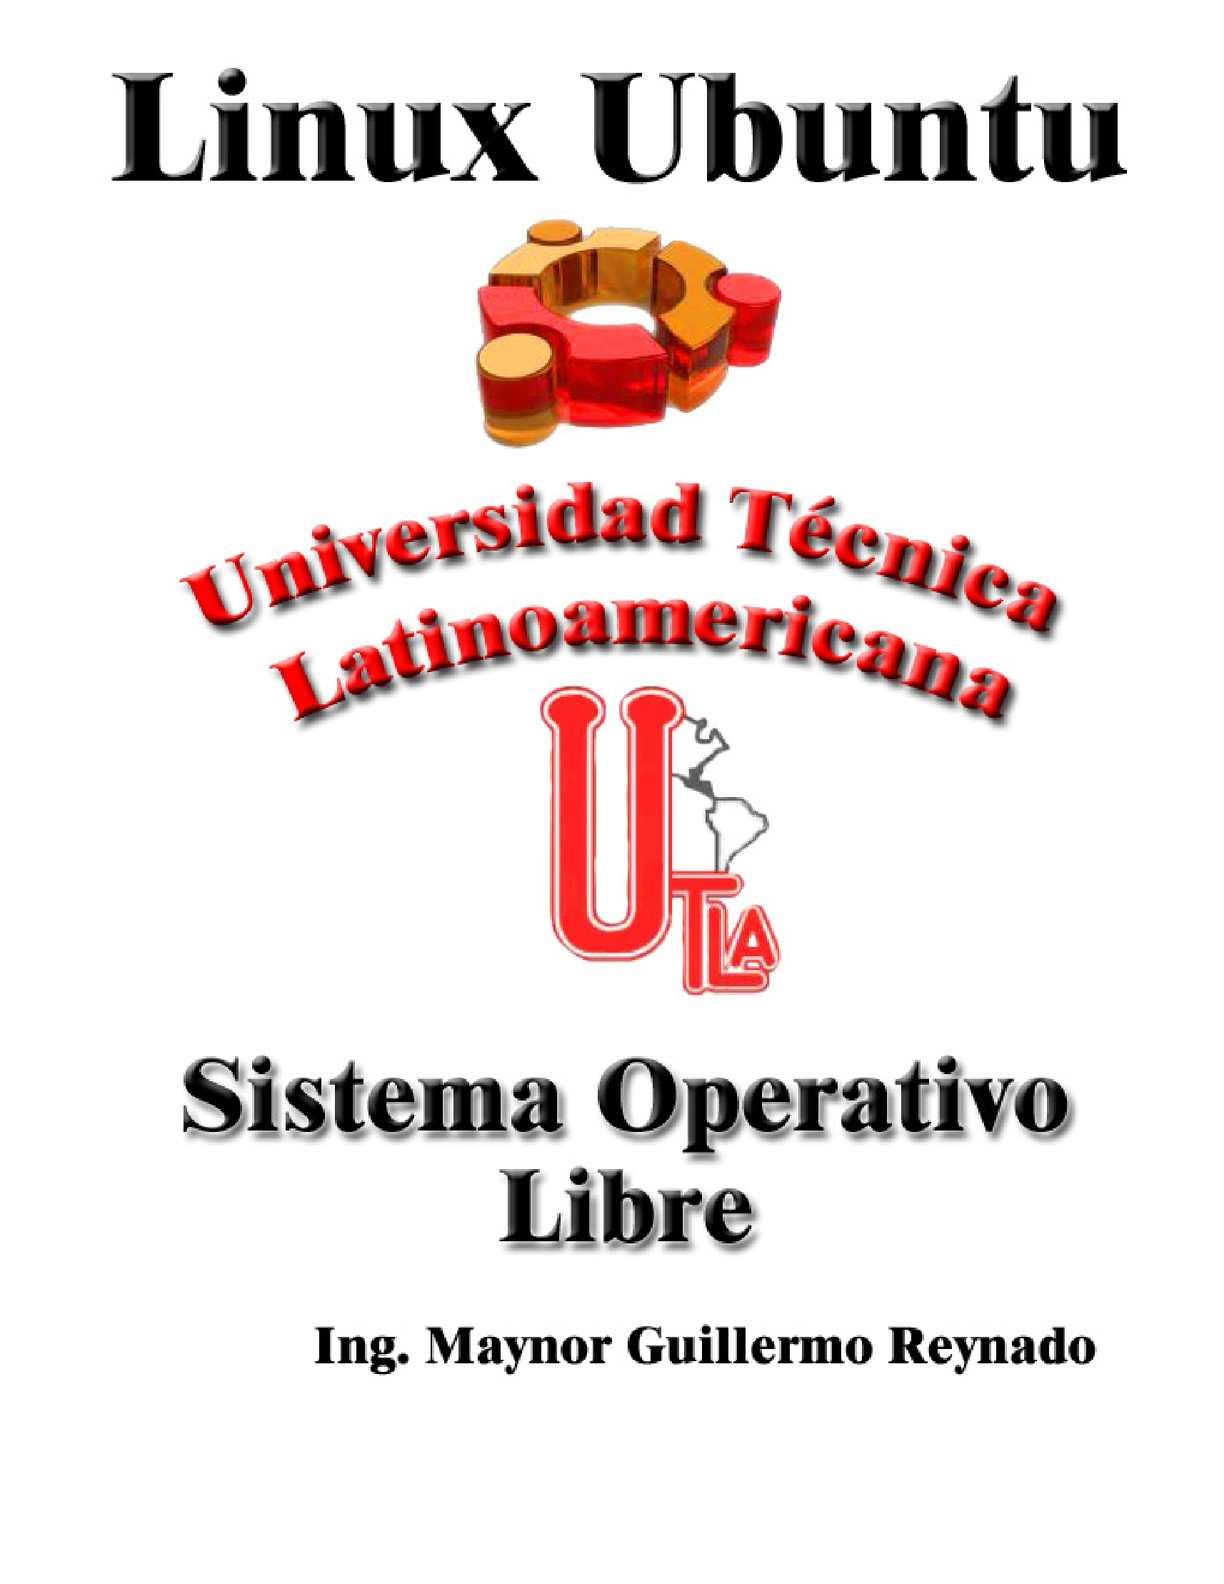 MANUAL DE UBUNTU 10.04